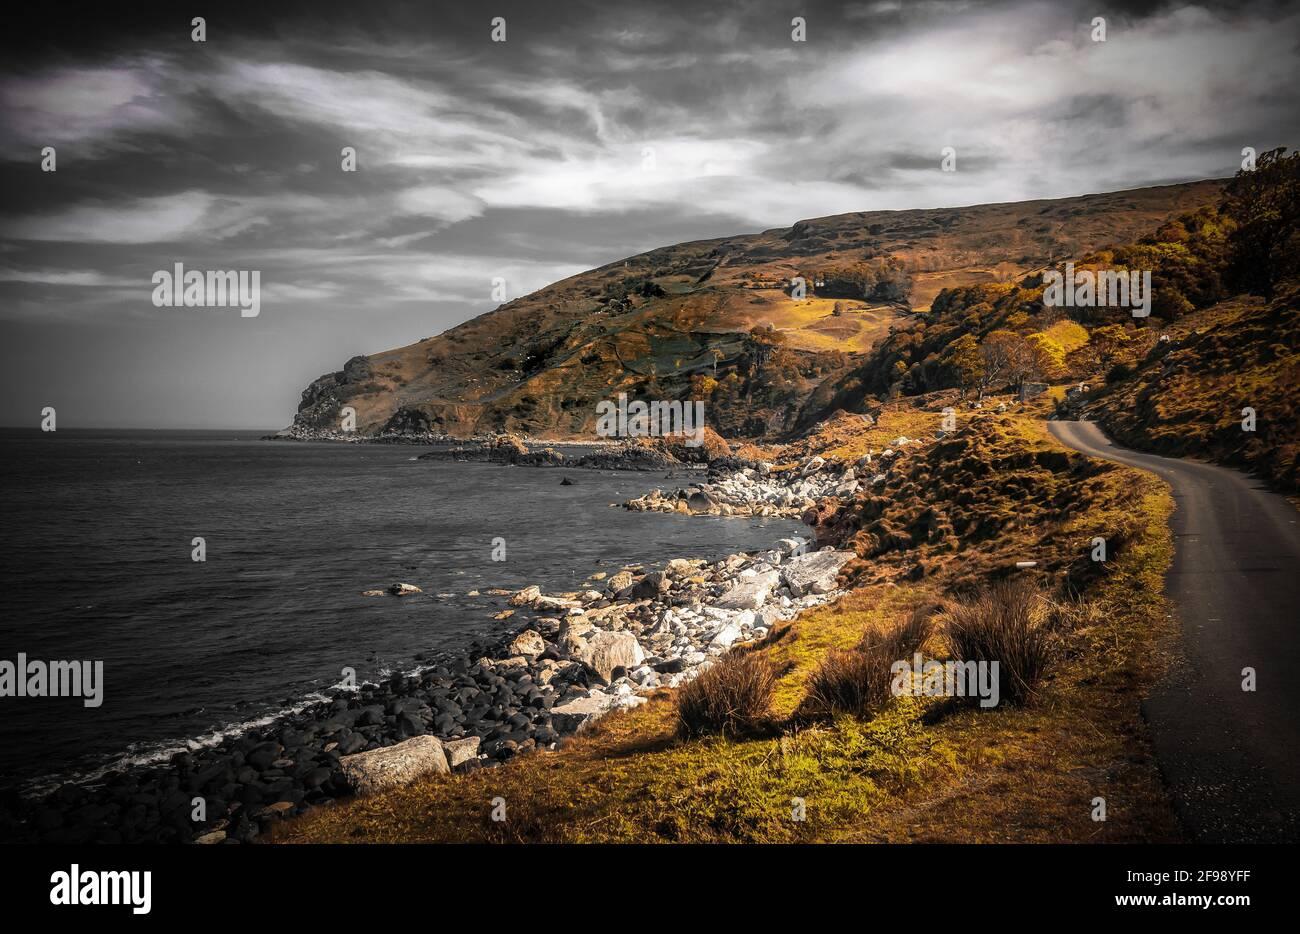 Murlough Bay en el norte de Irlanda - Fotografía Artística Foto de stock